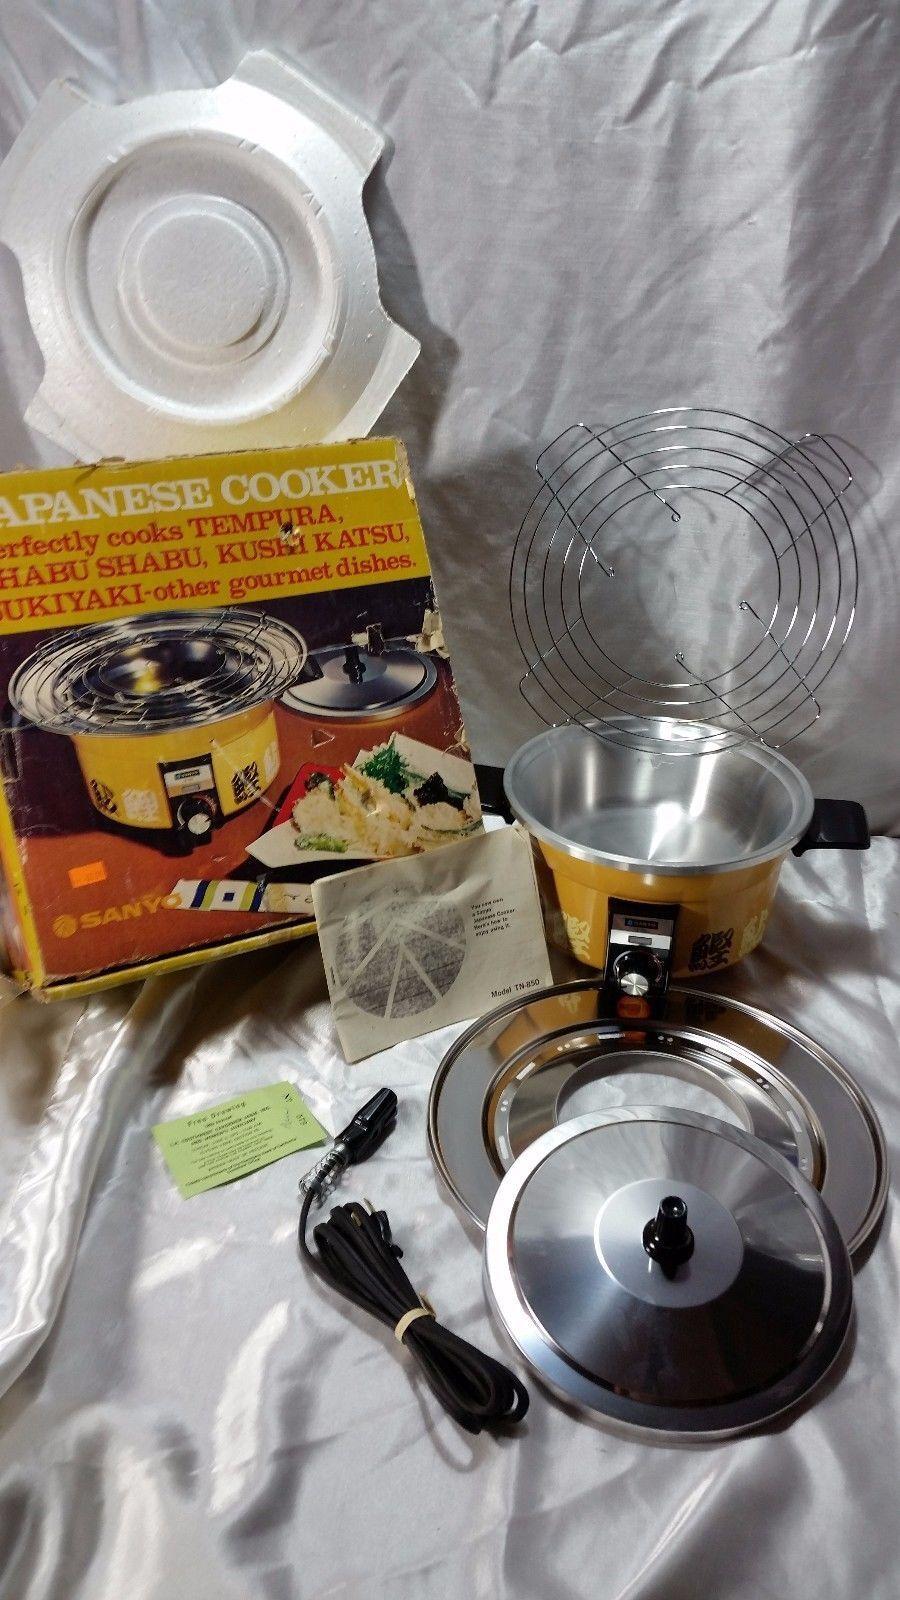 SANYO japonais Cuisinière modèle TN-850 NEUF autres Inutilisé Set 1970 ERA livraison gratuite